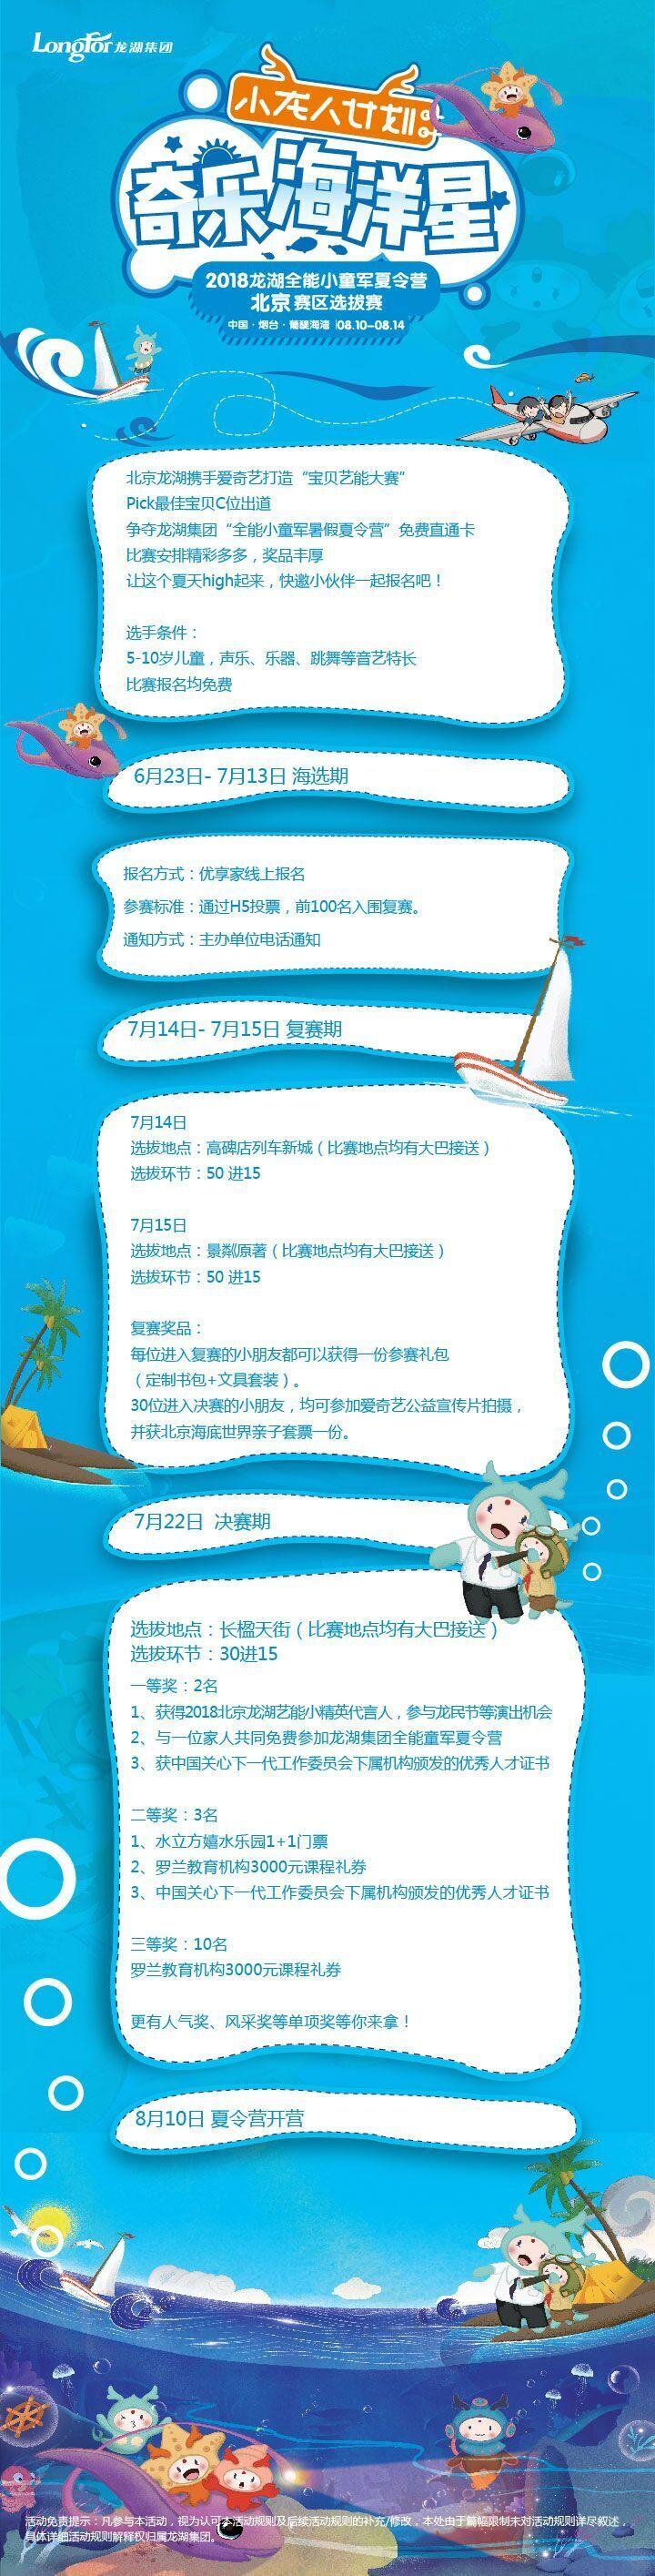 """龙湖集团""""小龙人计划""""21城联动 北京地区选拔赛盛大启幕"""